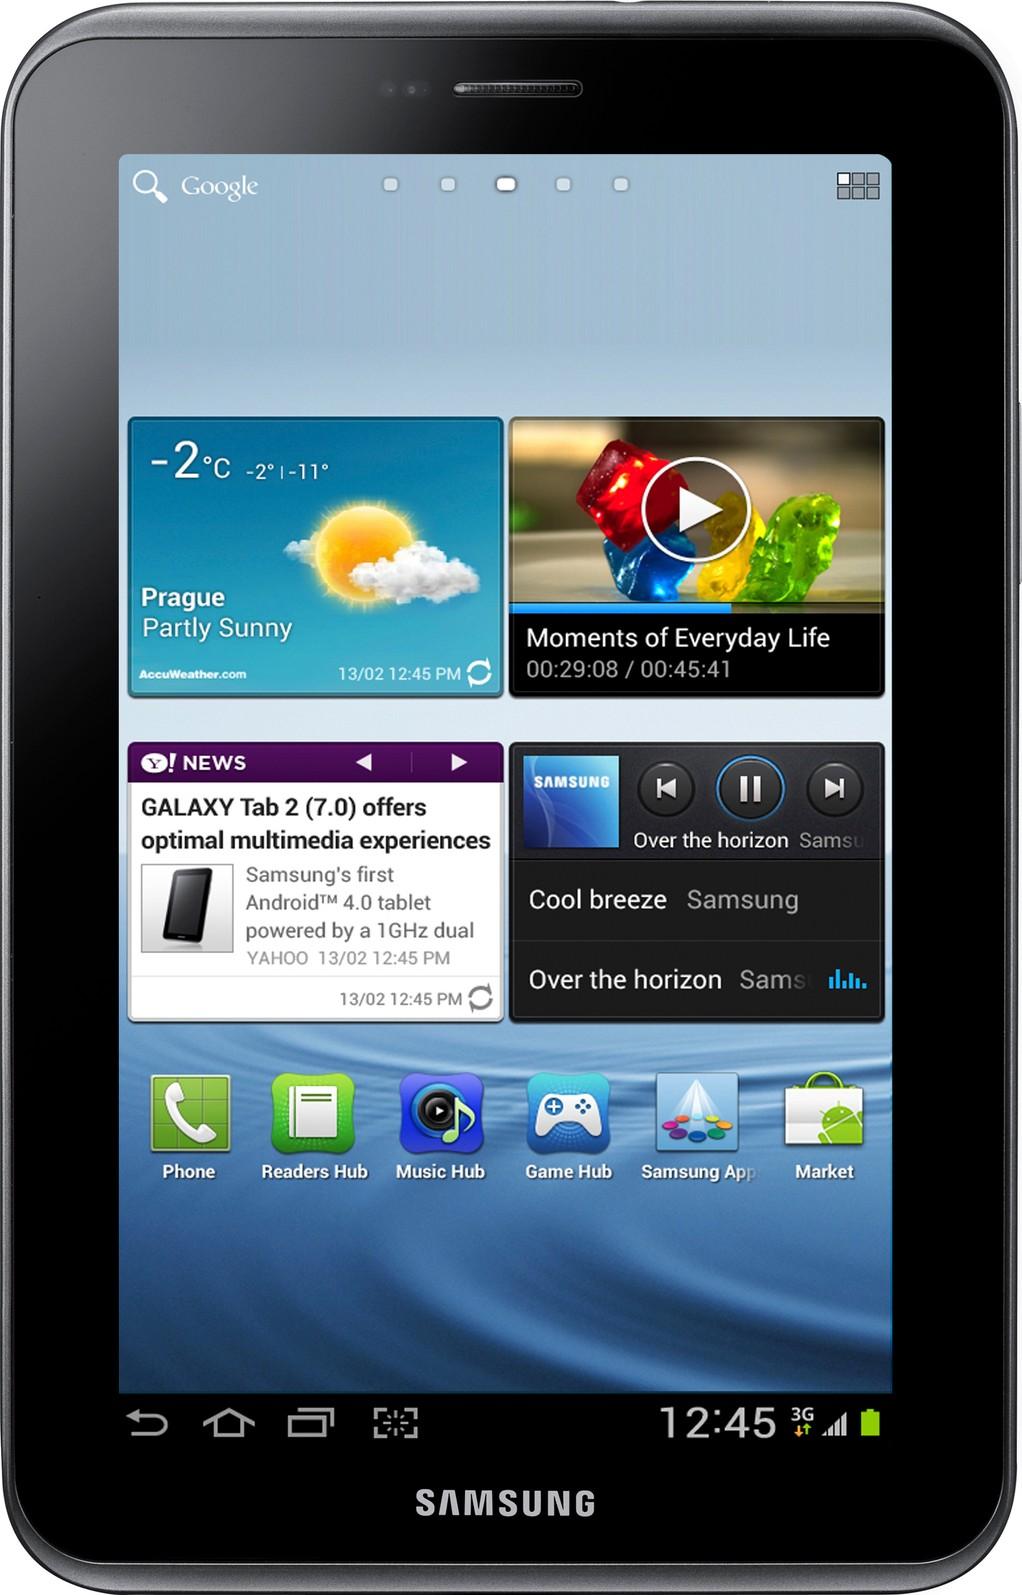 Samsung Galaxy Tab 2 7